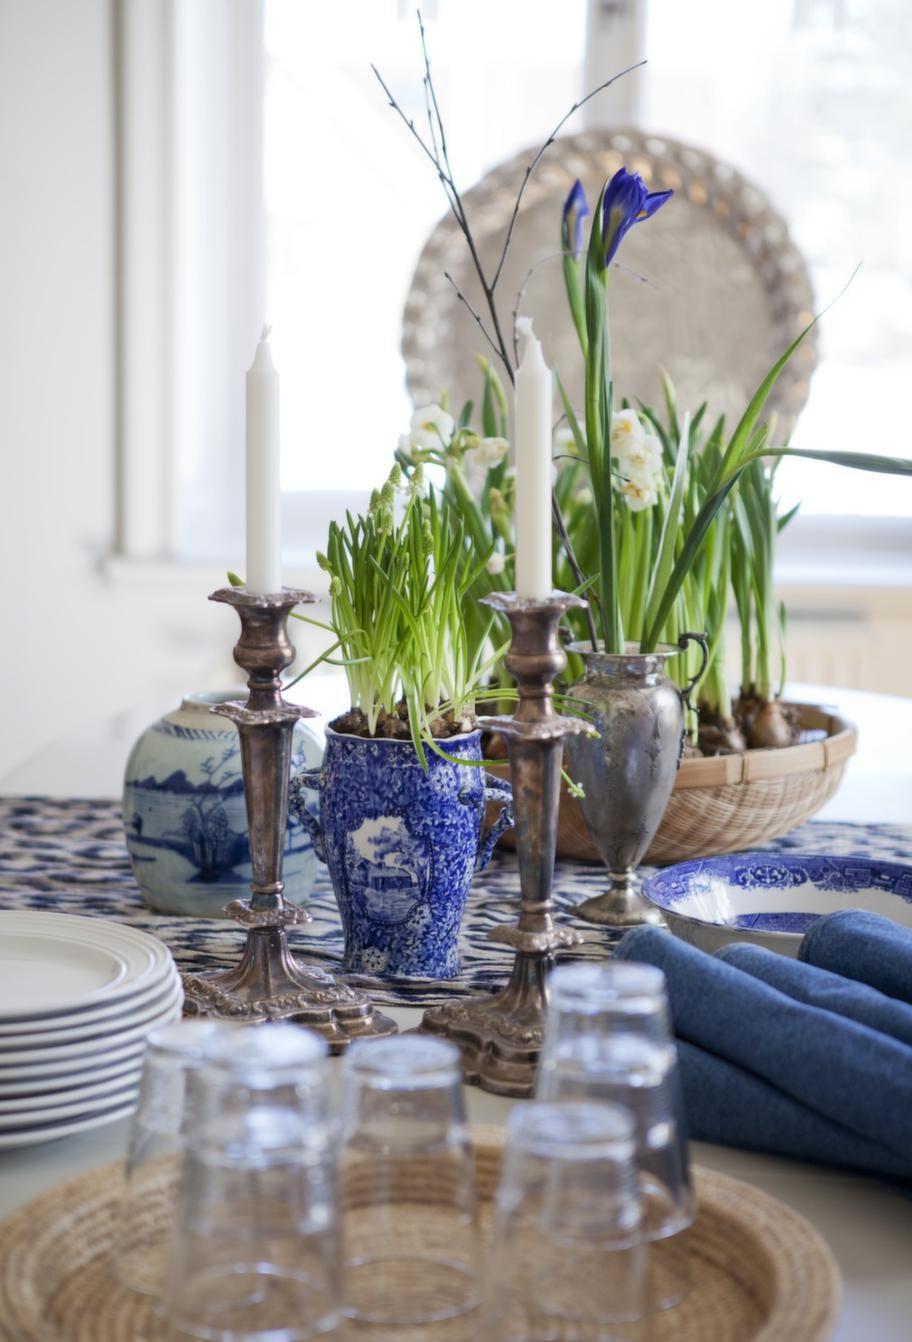 Vårigt och fräscht på matbordet med mycket växter och porslin i klassiskt blåvitt.